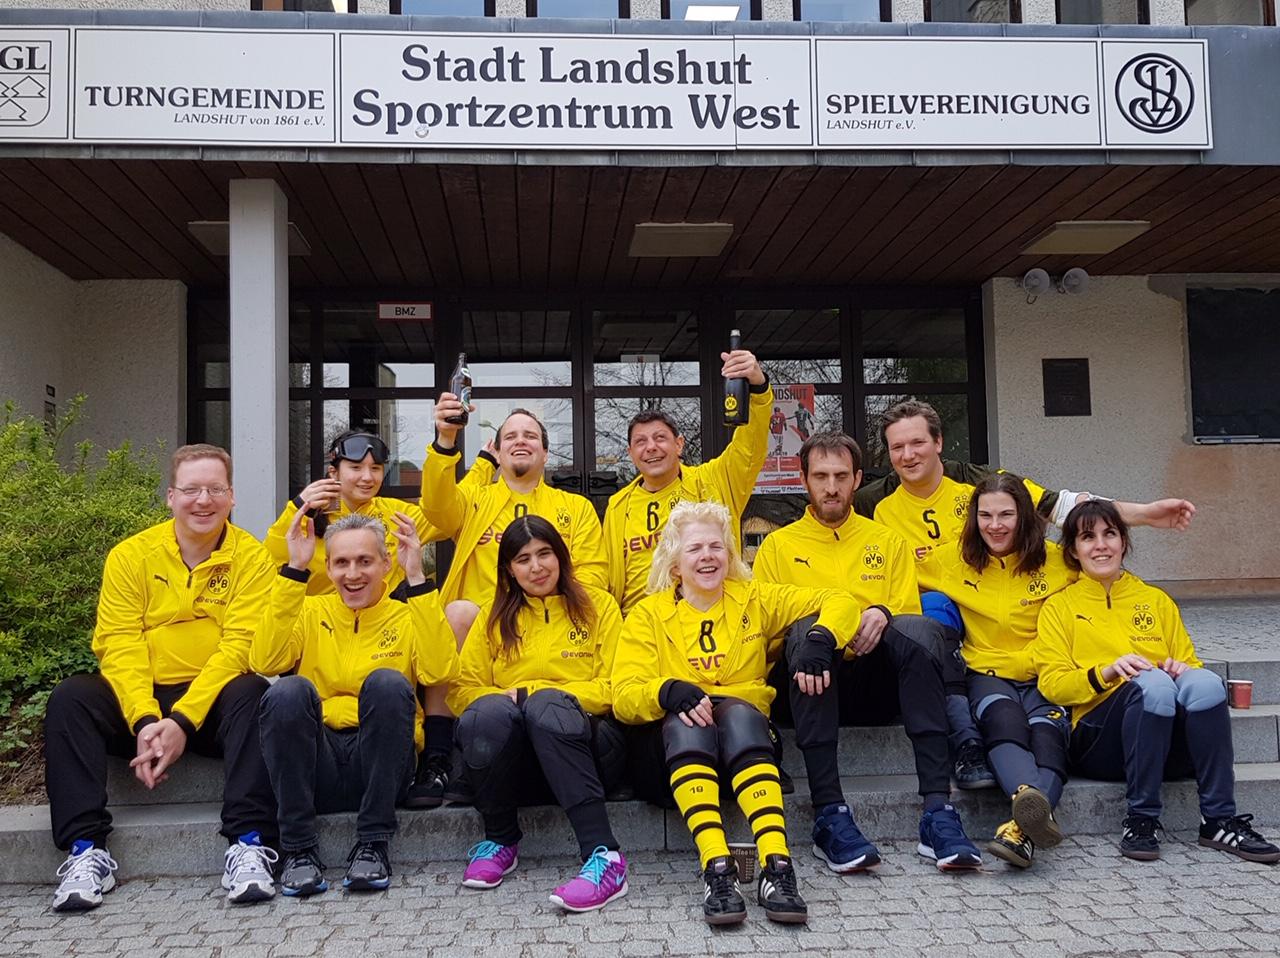 Mannschaftsfoto der BVB-Damen und -Herren Landshut